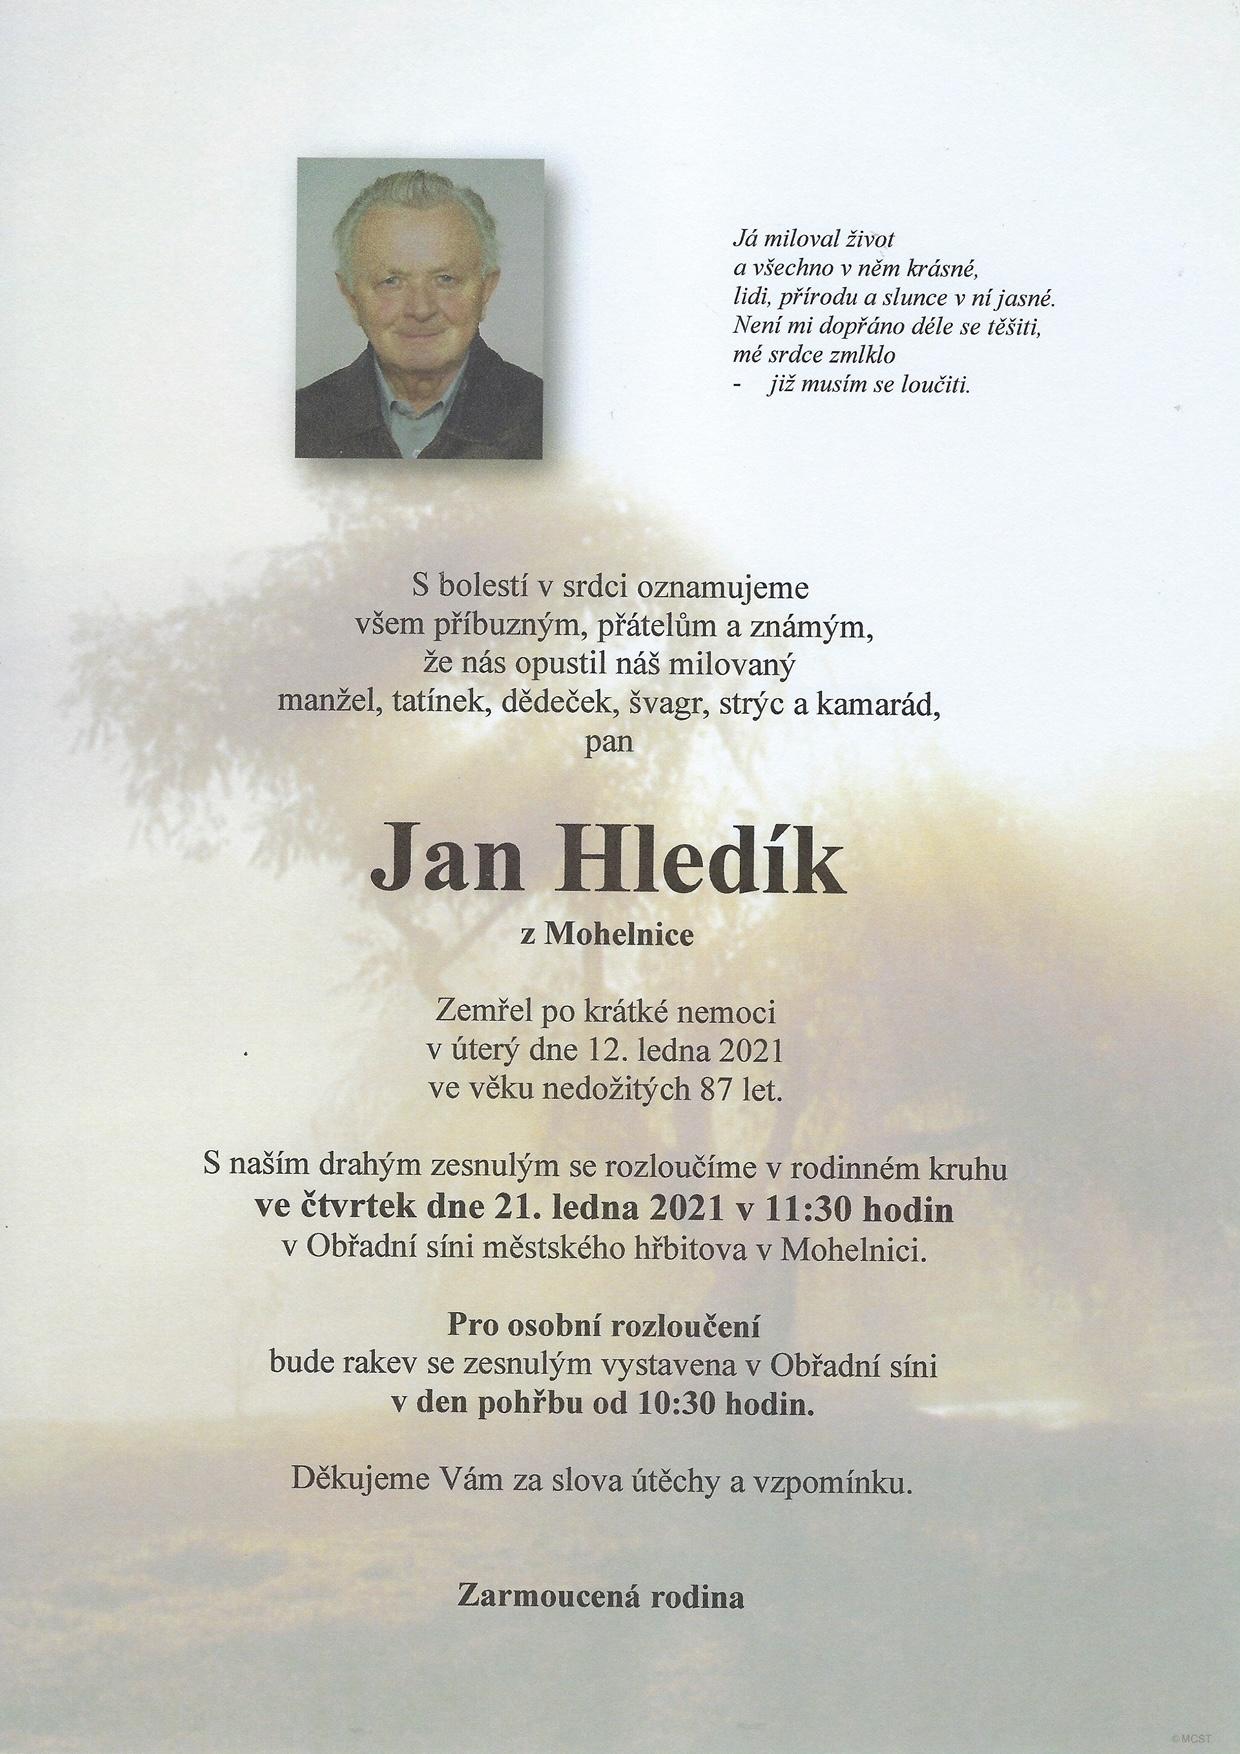 S lítostí v srdci oznamujeme, že navždy odešel Jan Hledík